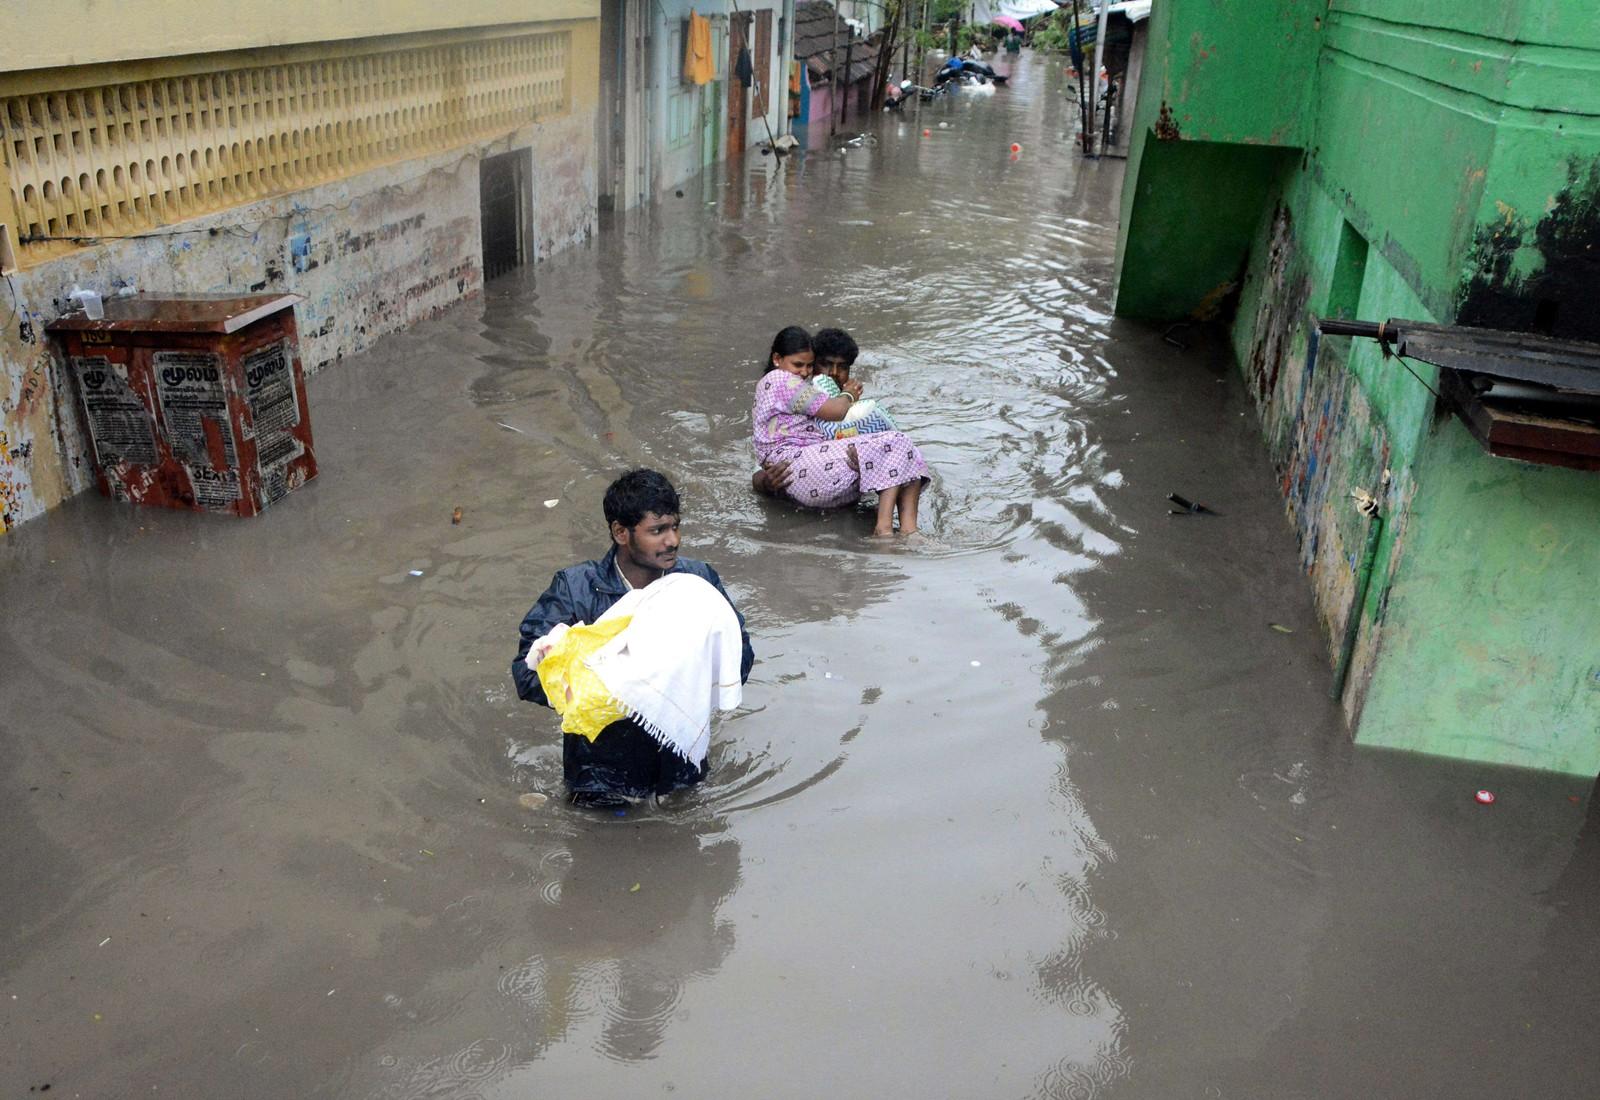 Dei må kome seg i tryggleik, bebuarane i byen Chennai der det er kome rekordstore nedbørsmengder dei siste dagane.